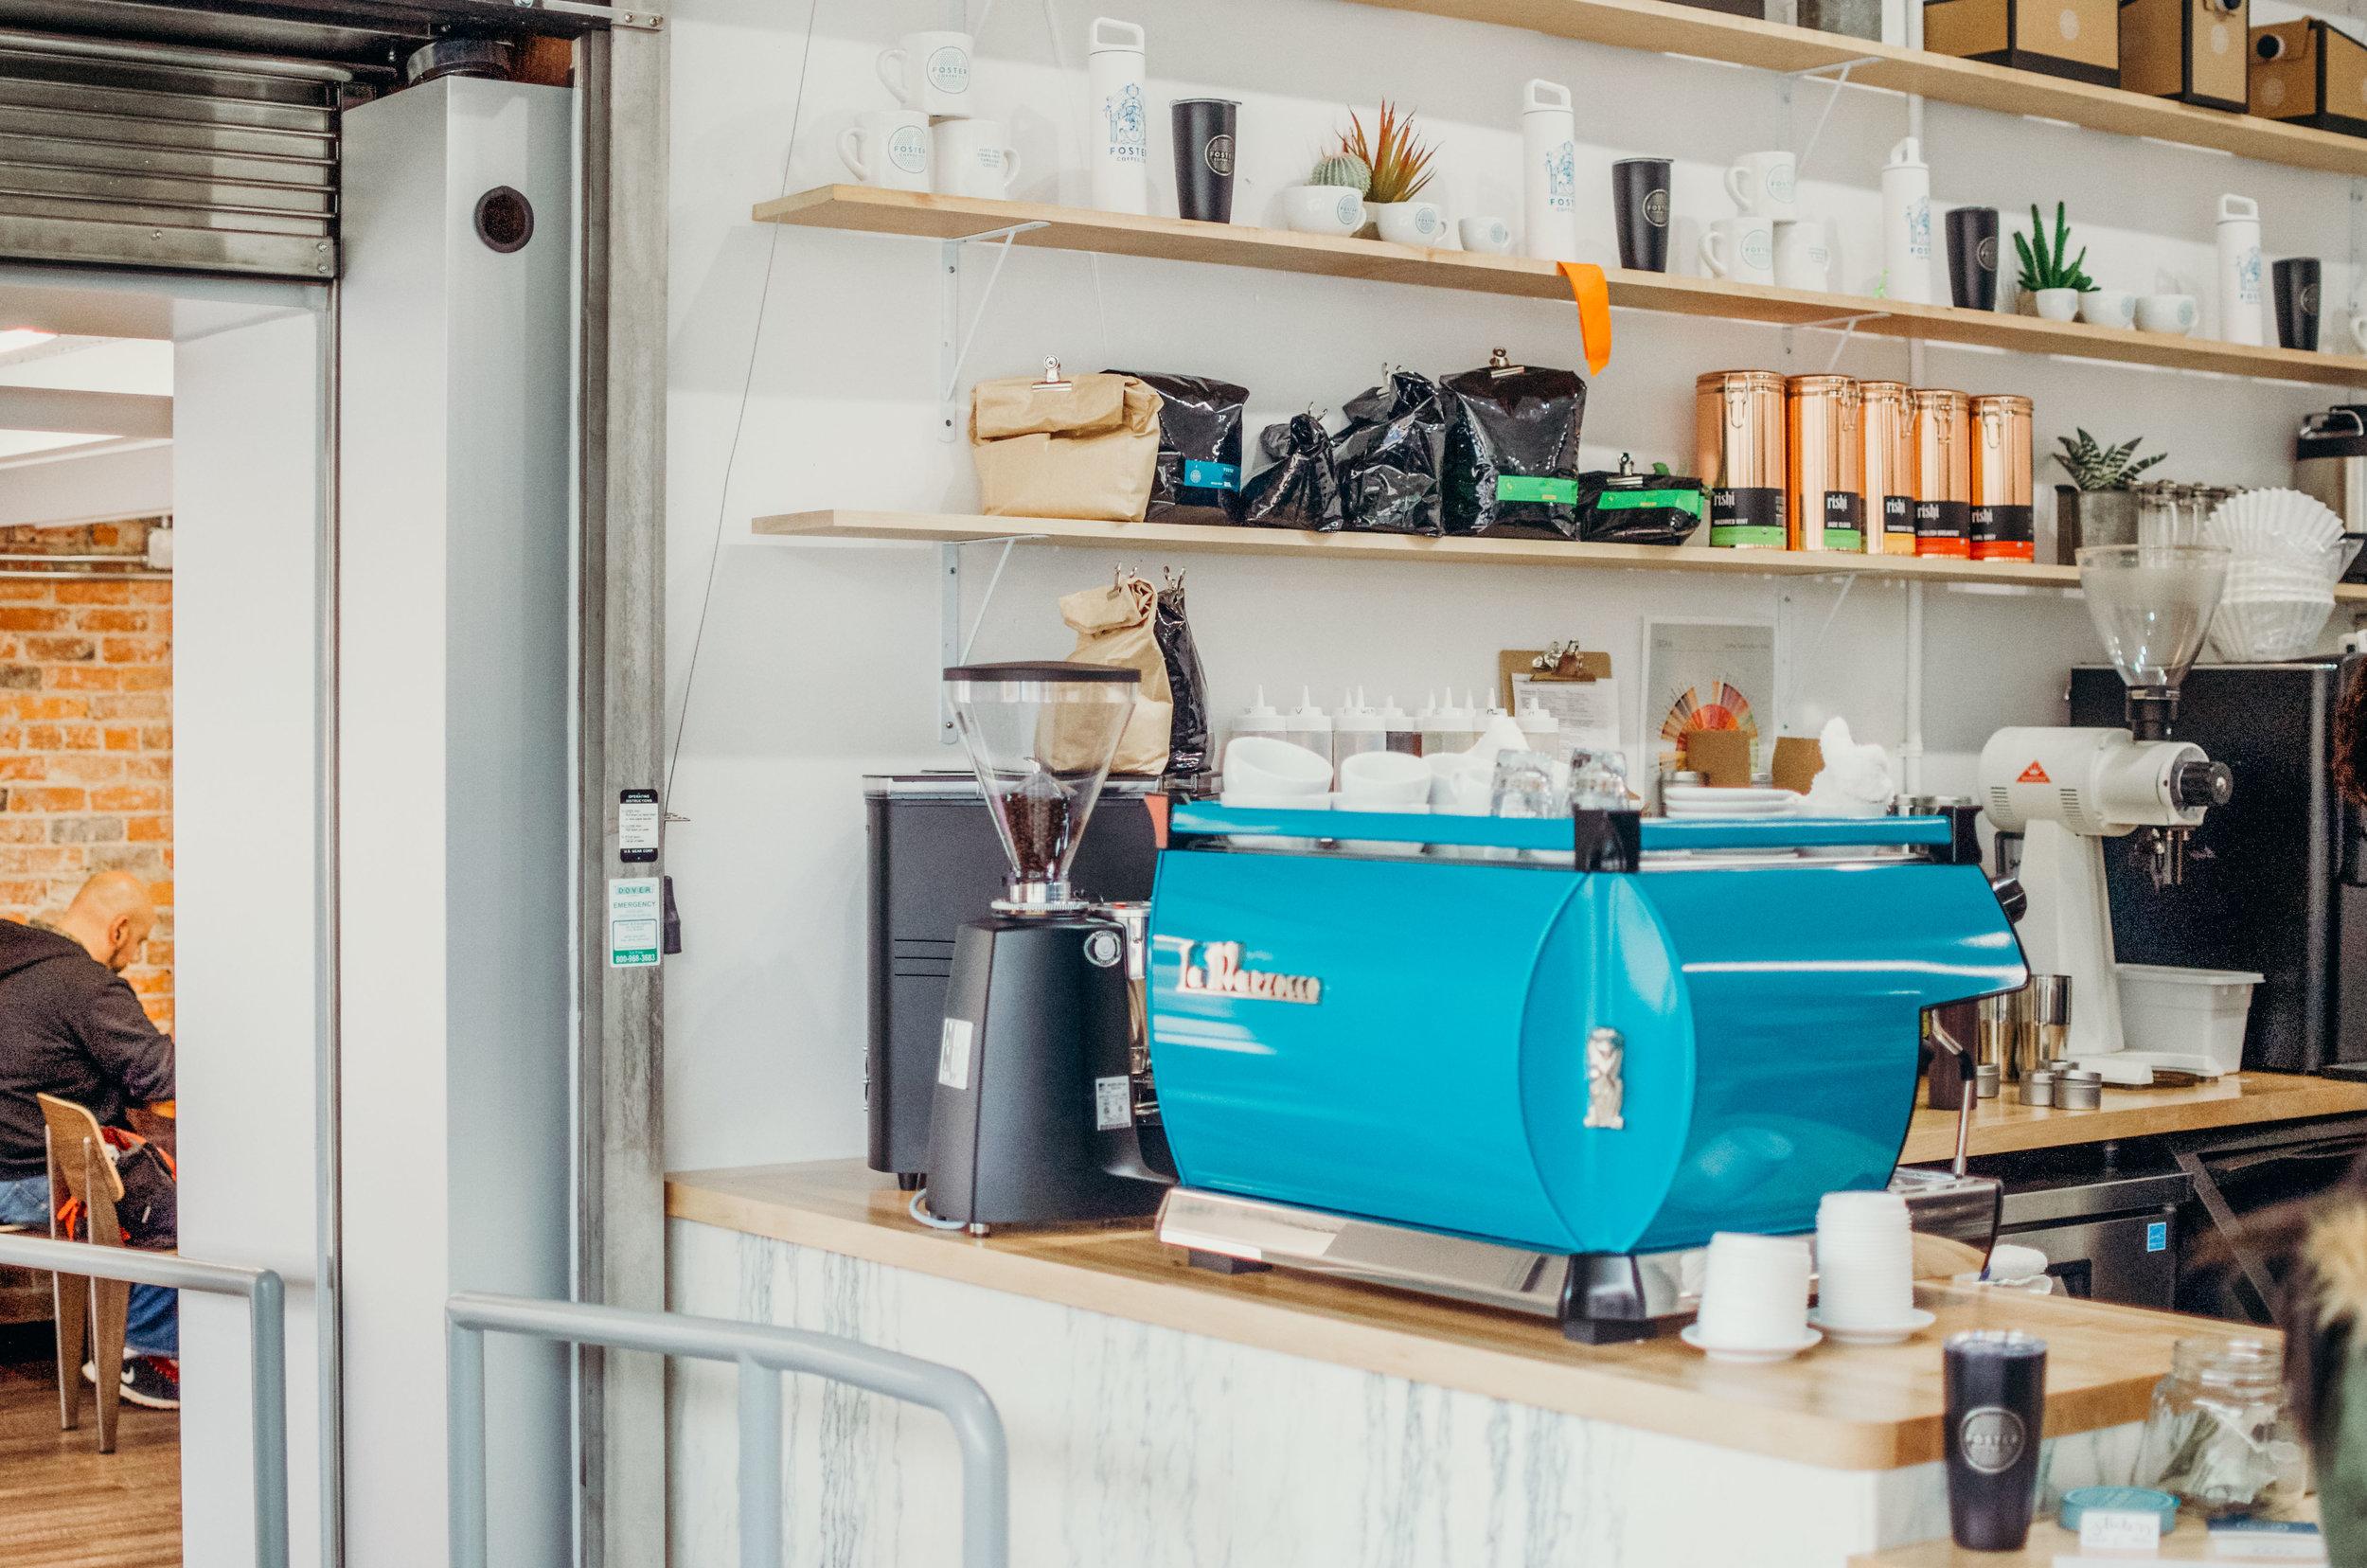 Wendling_Boyd_Foster_Flint_Fwrd_Coffee_Shop-5.jpg